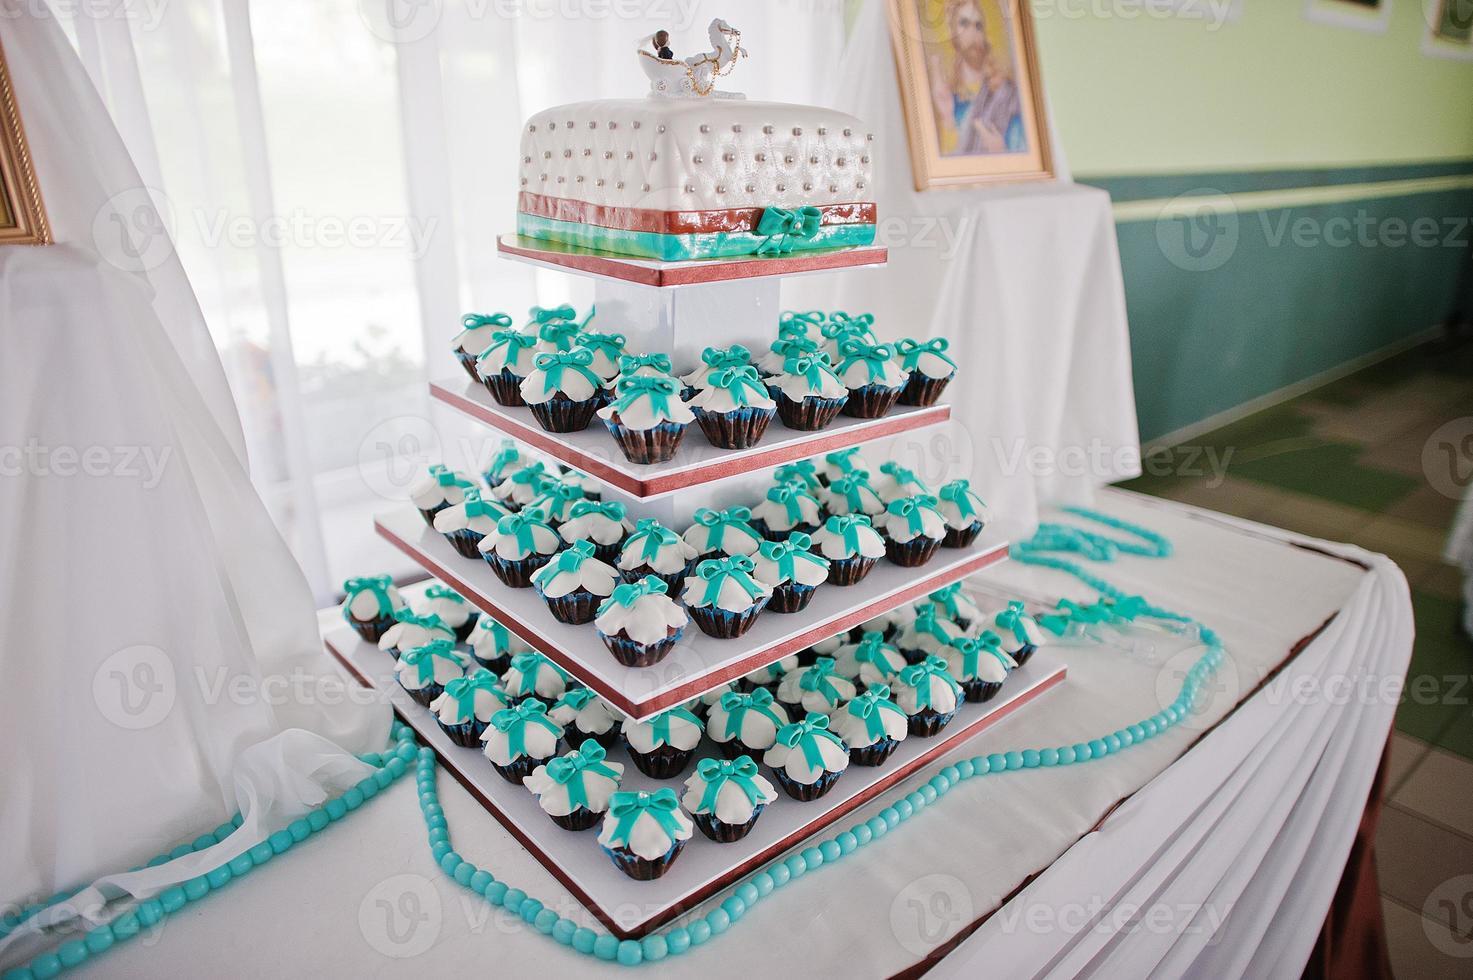 cupcakes de casamento branco e turquesa foto